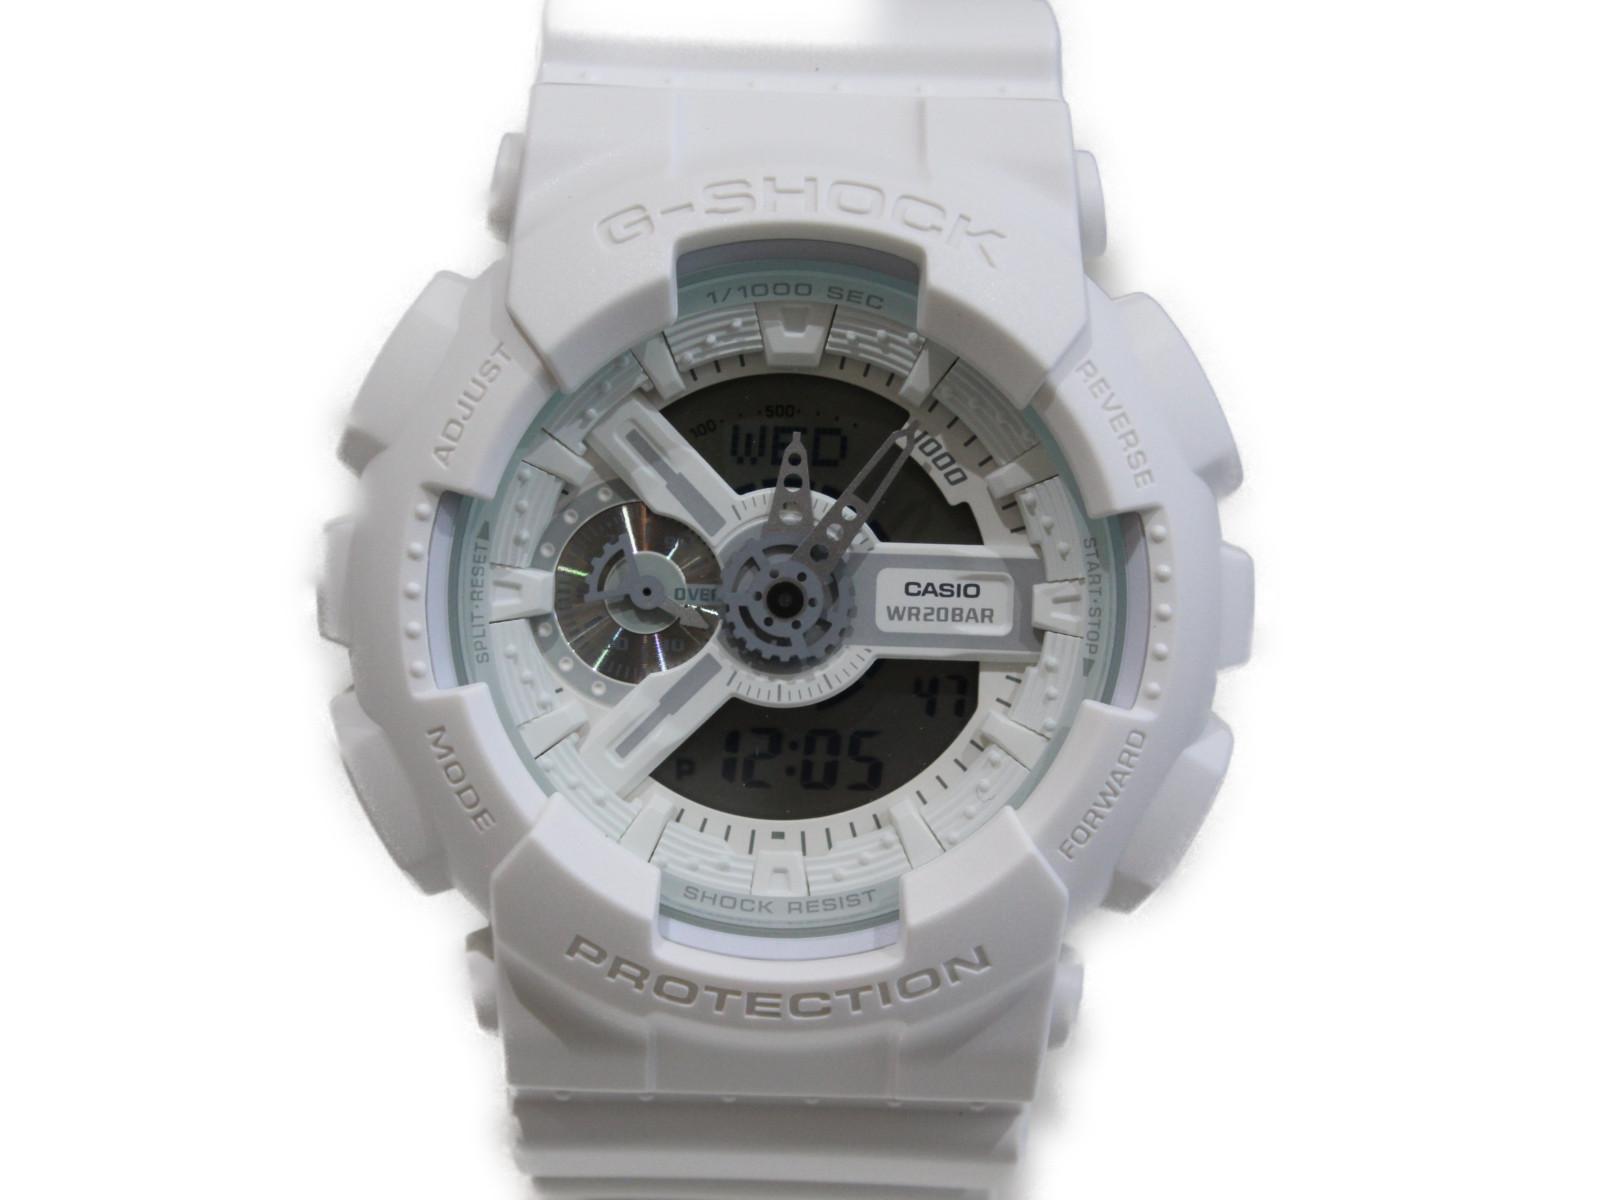 【ペアデザイン】CASIO カシオ G-SHOCK ジーショック GA-110BC-7AJF アナログ デジタル ラバー ホワイト メンズ 腕時計 ギフト プレゼント 包装無料【中古】